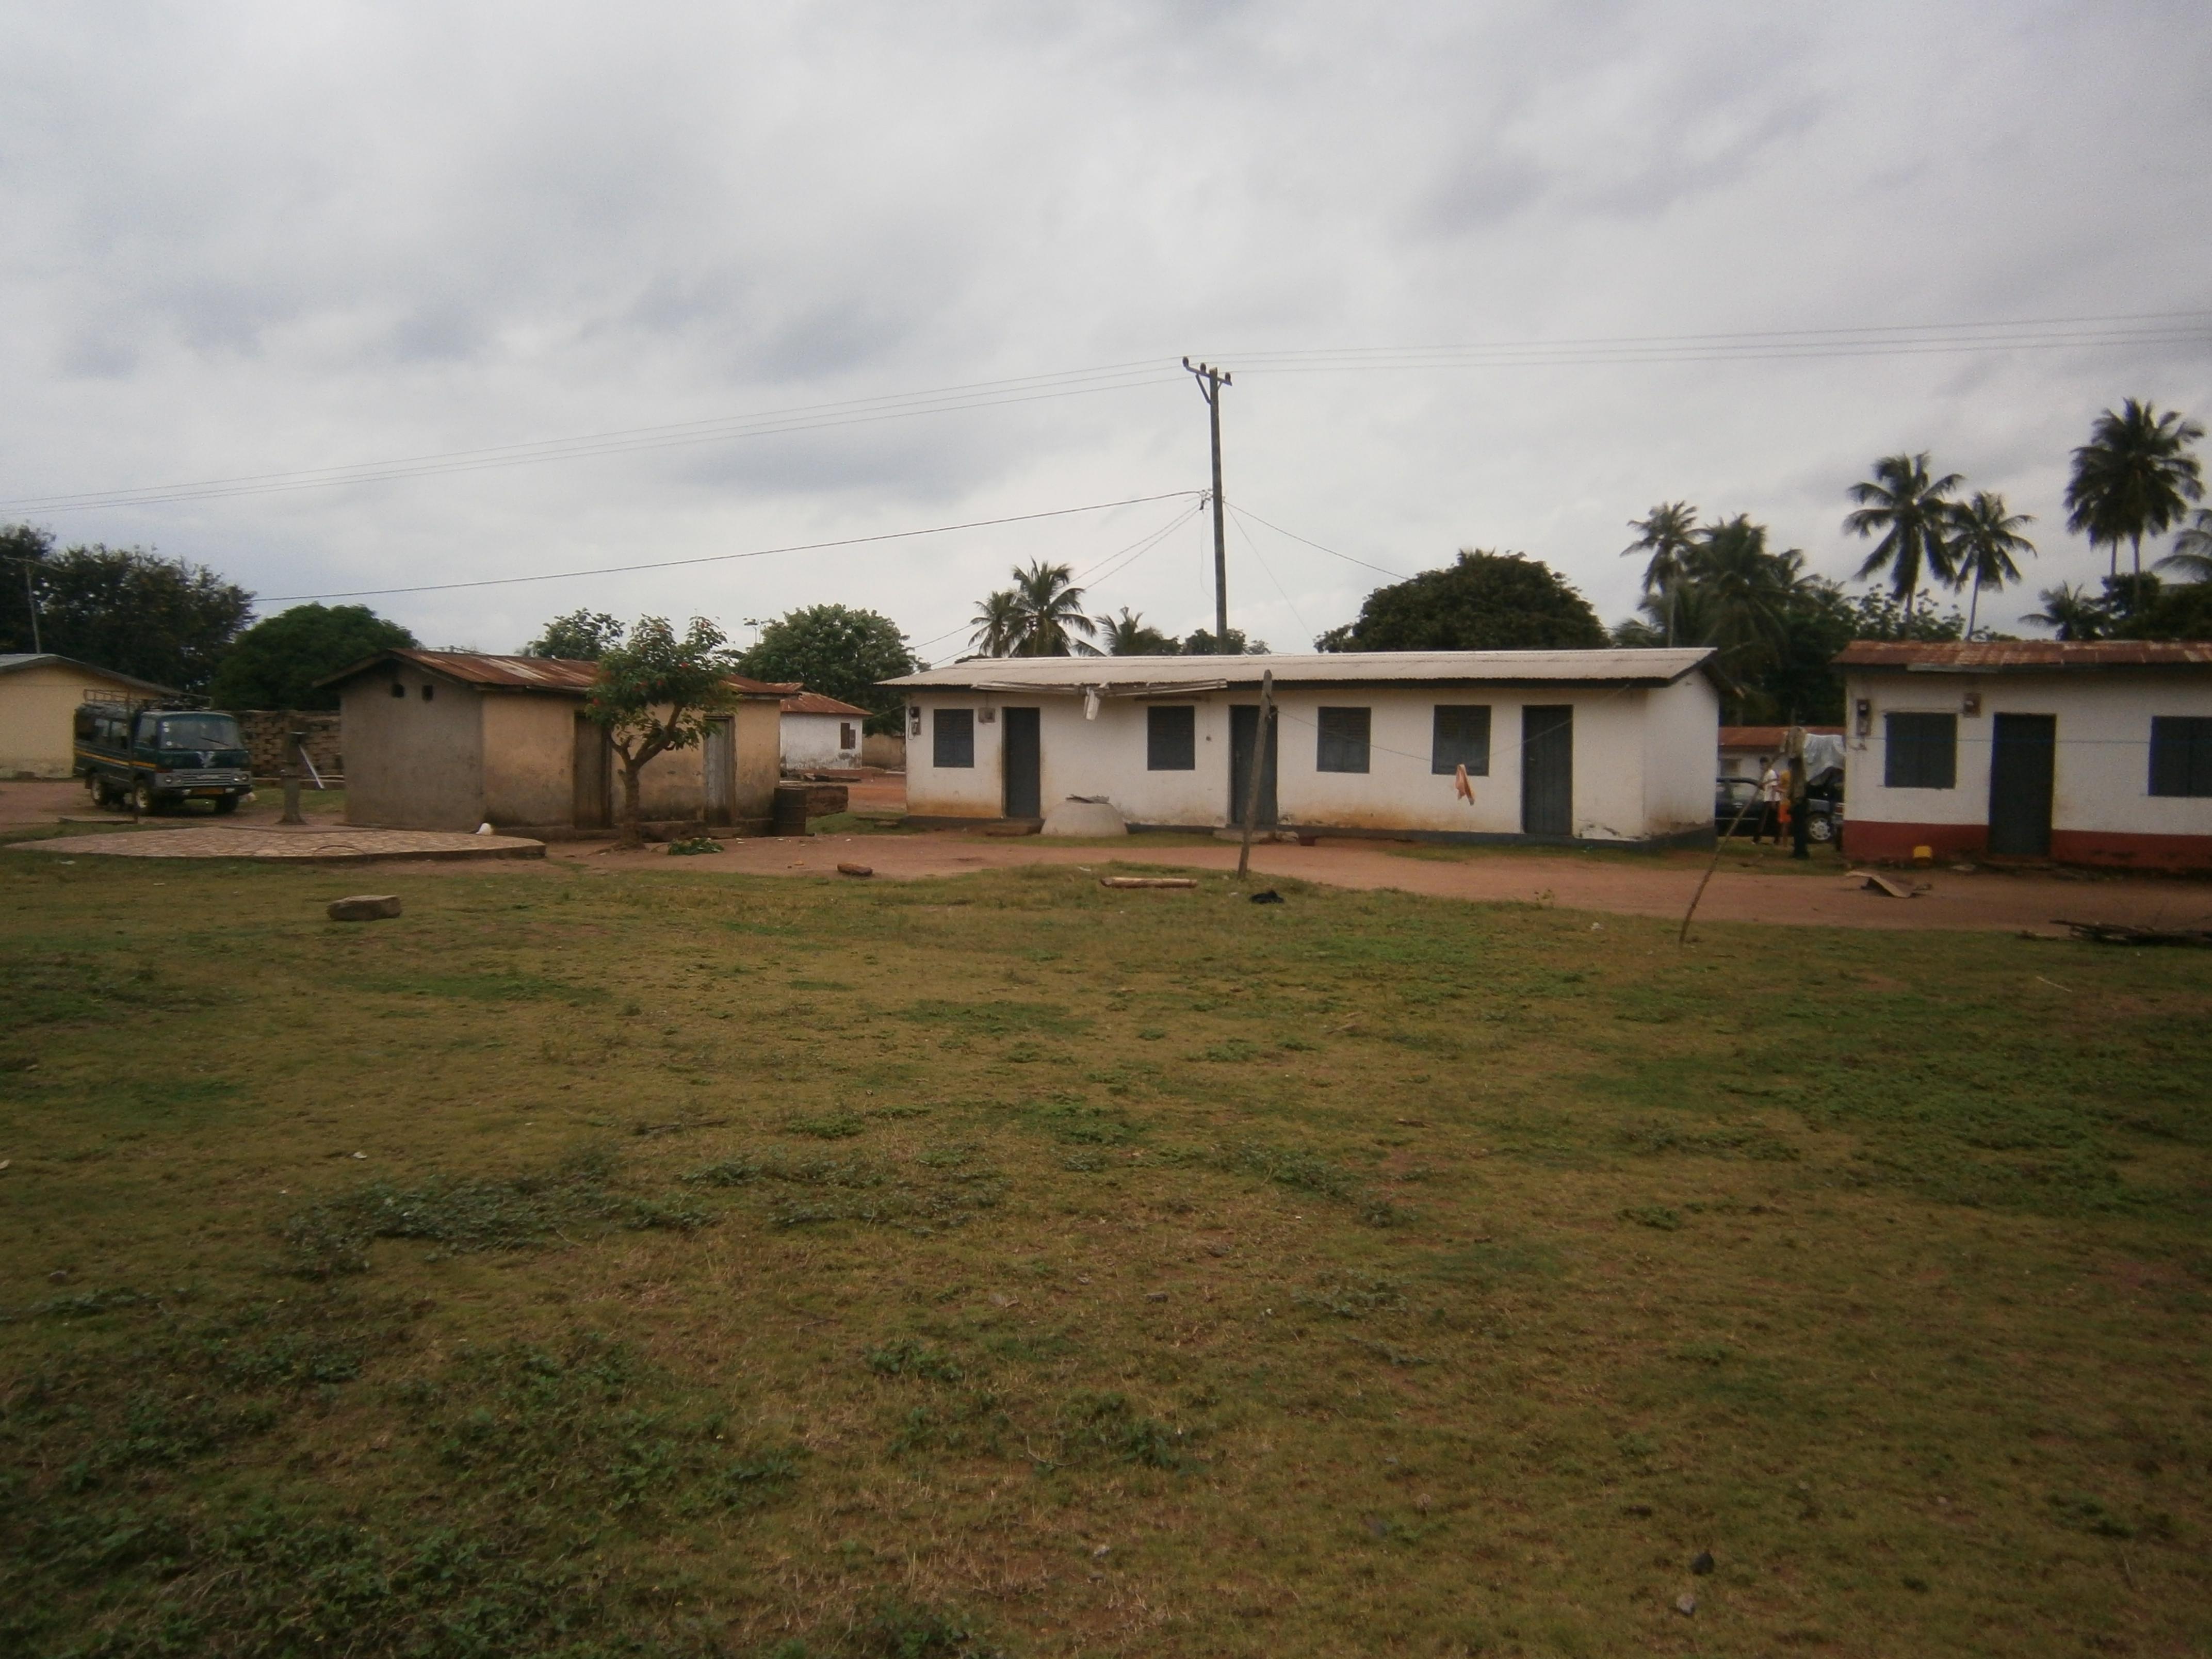 Proyecto casa de acogida atsianse finalizado gracias a ong solive ong sonrisas delali - Casa de acogida ...